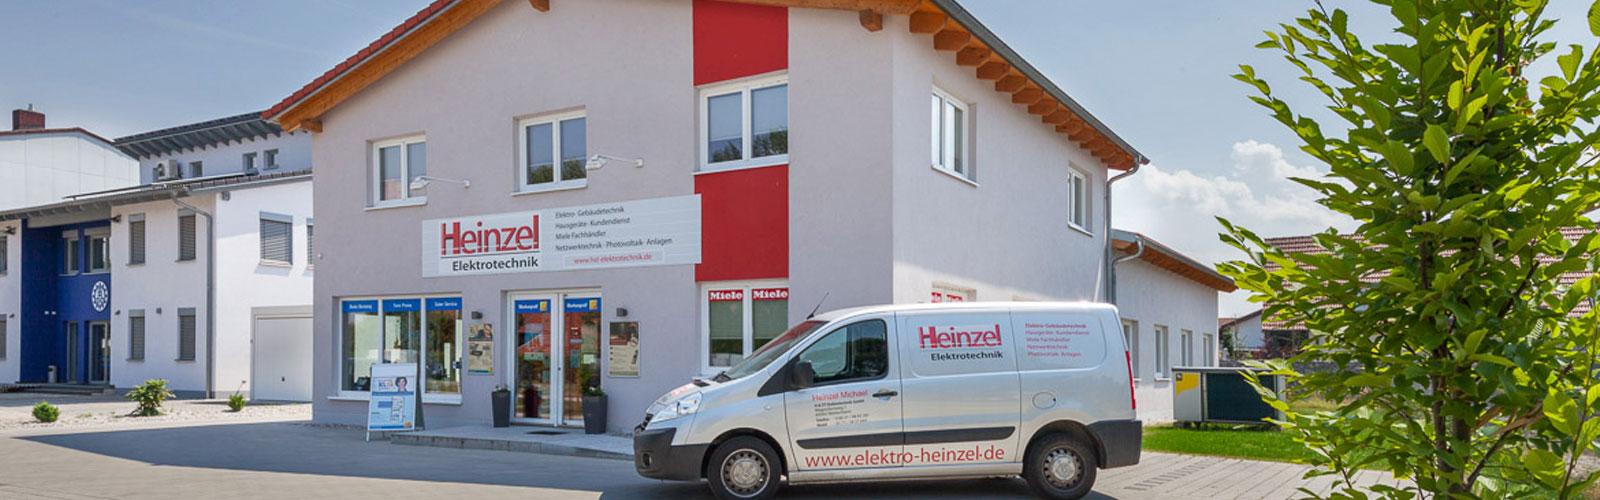 Elektro Heinzel Leistungen im Überblick